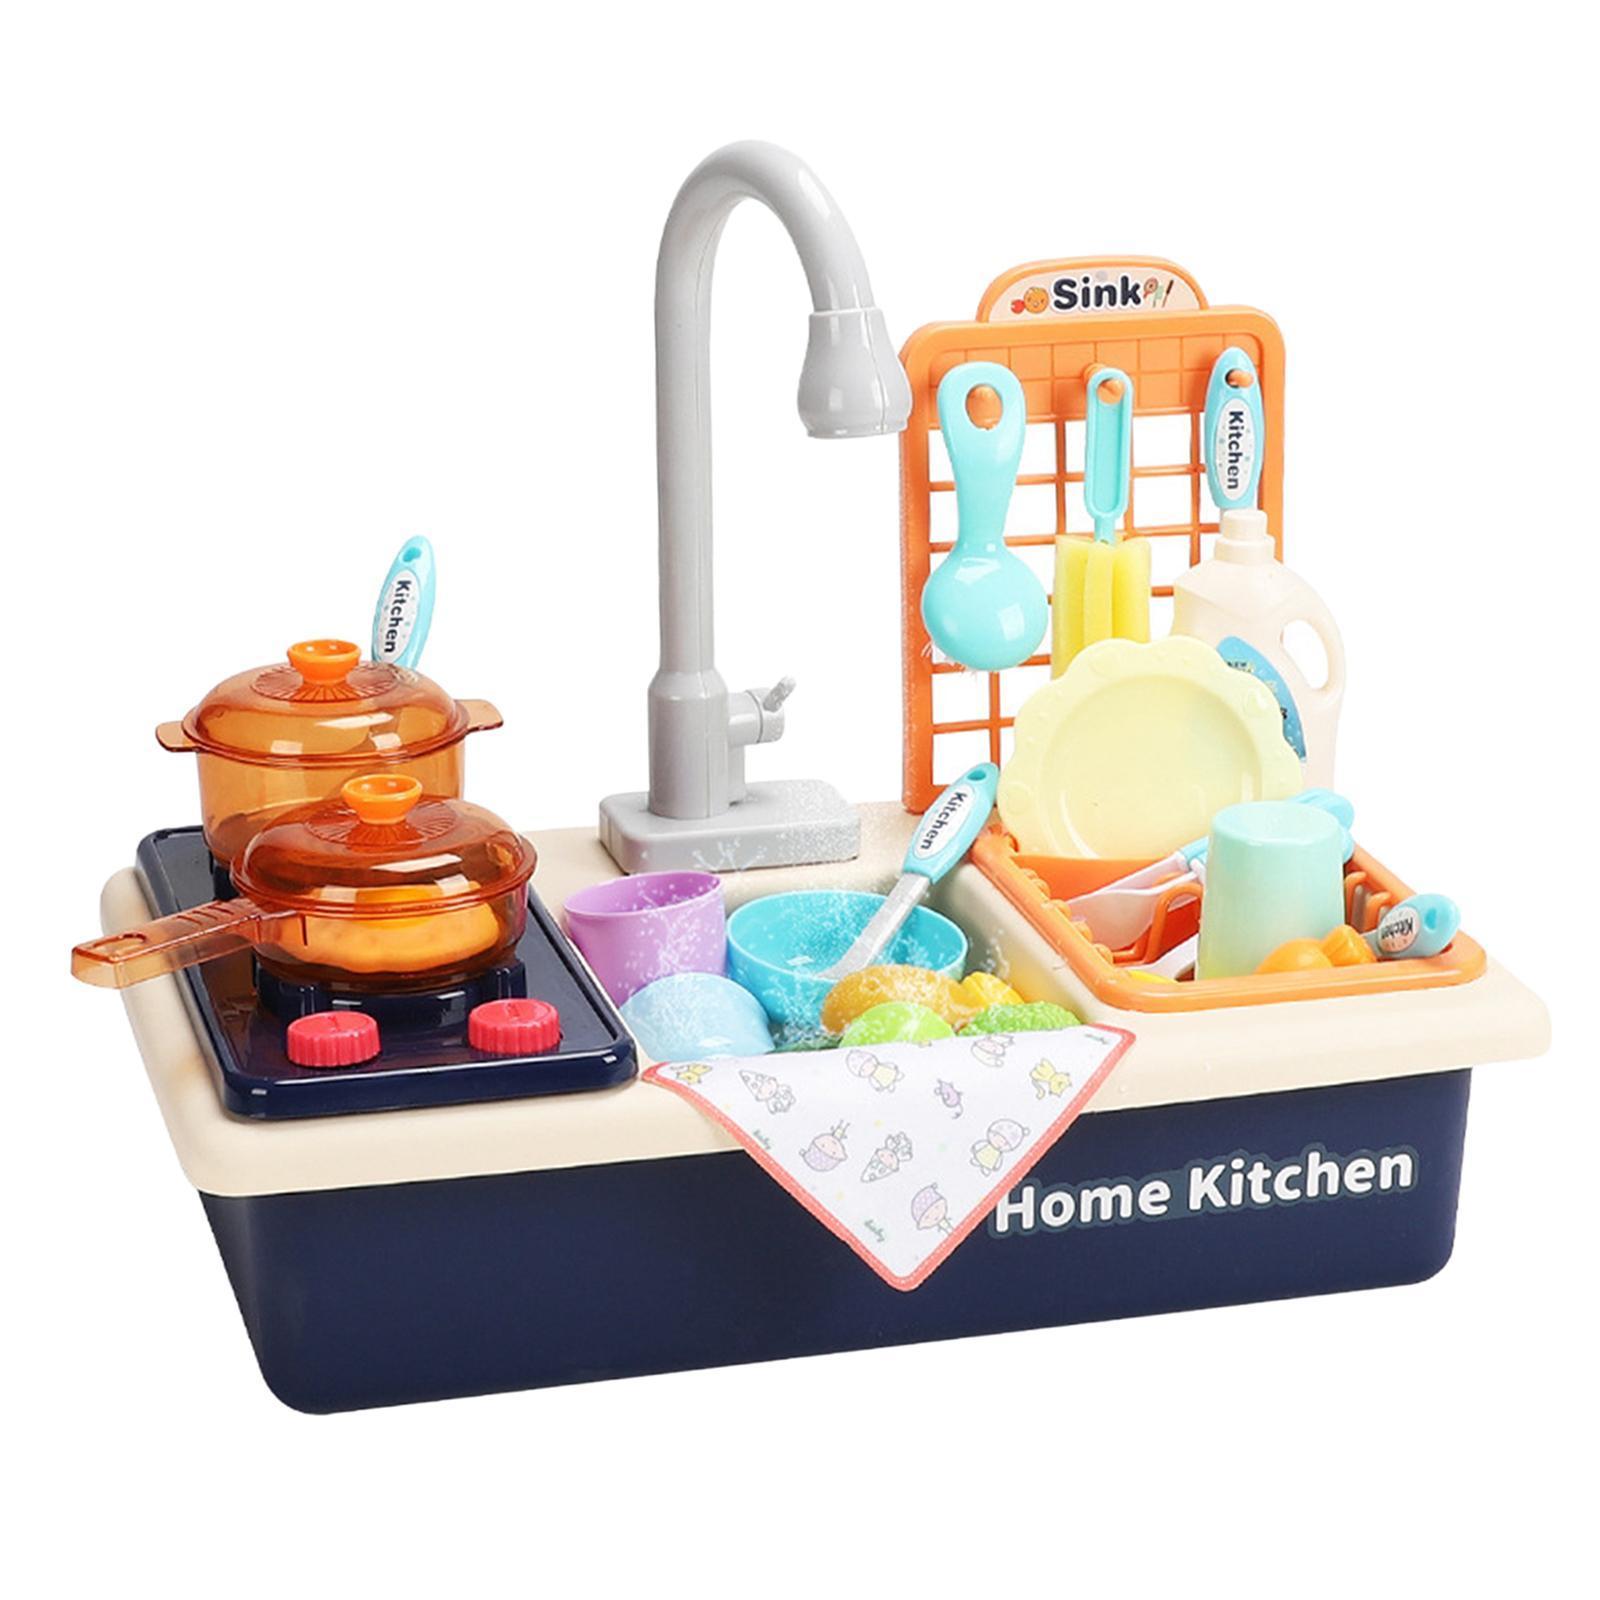 Indexbild 22 - Kinder-Kueche-Spielen-Waschbecken-Spielzeug-Automatische-Wasser-Zyklus-System